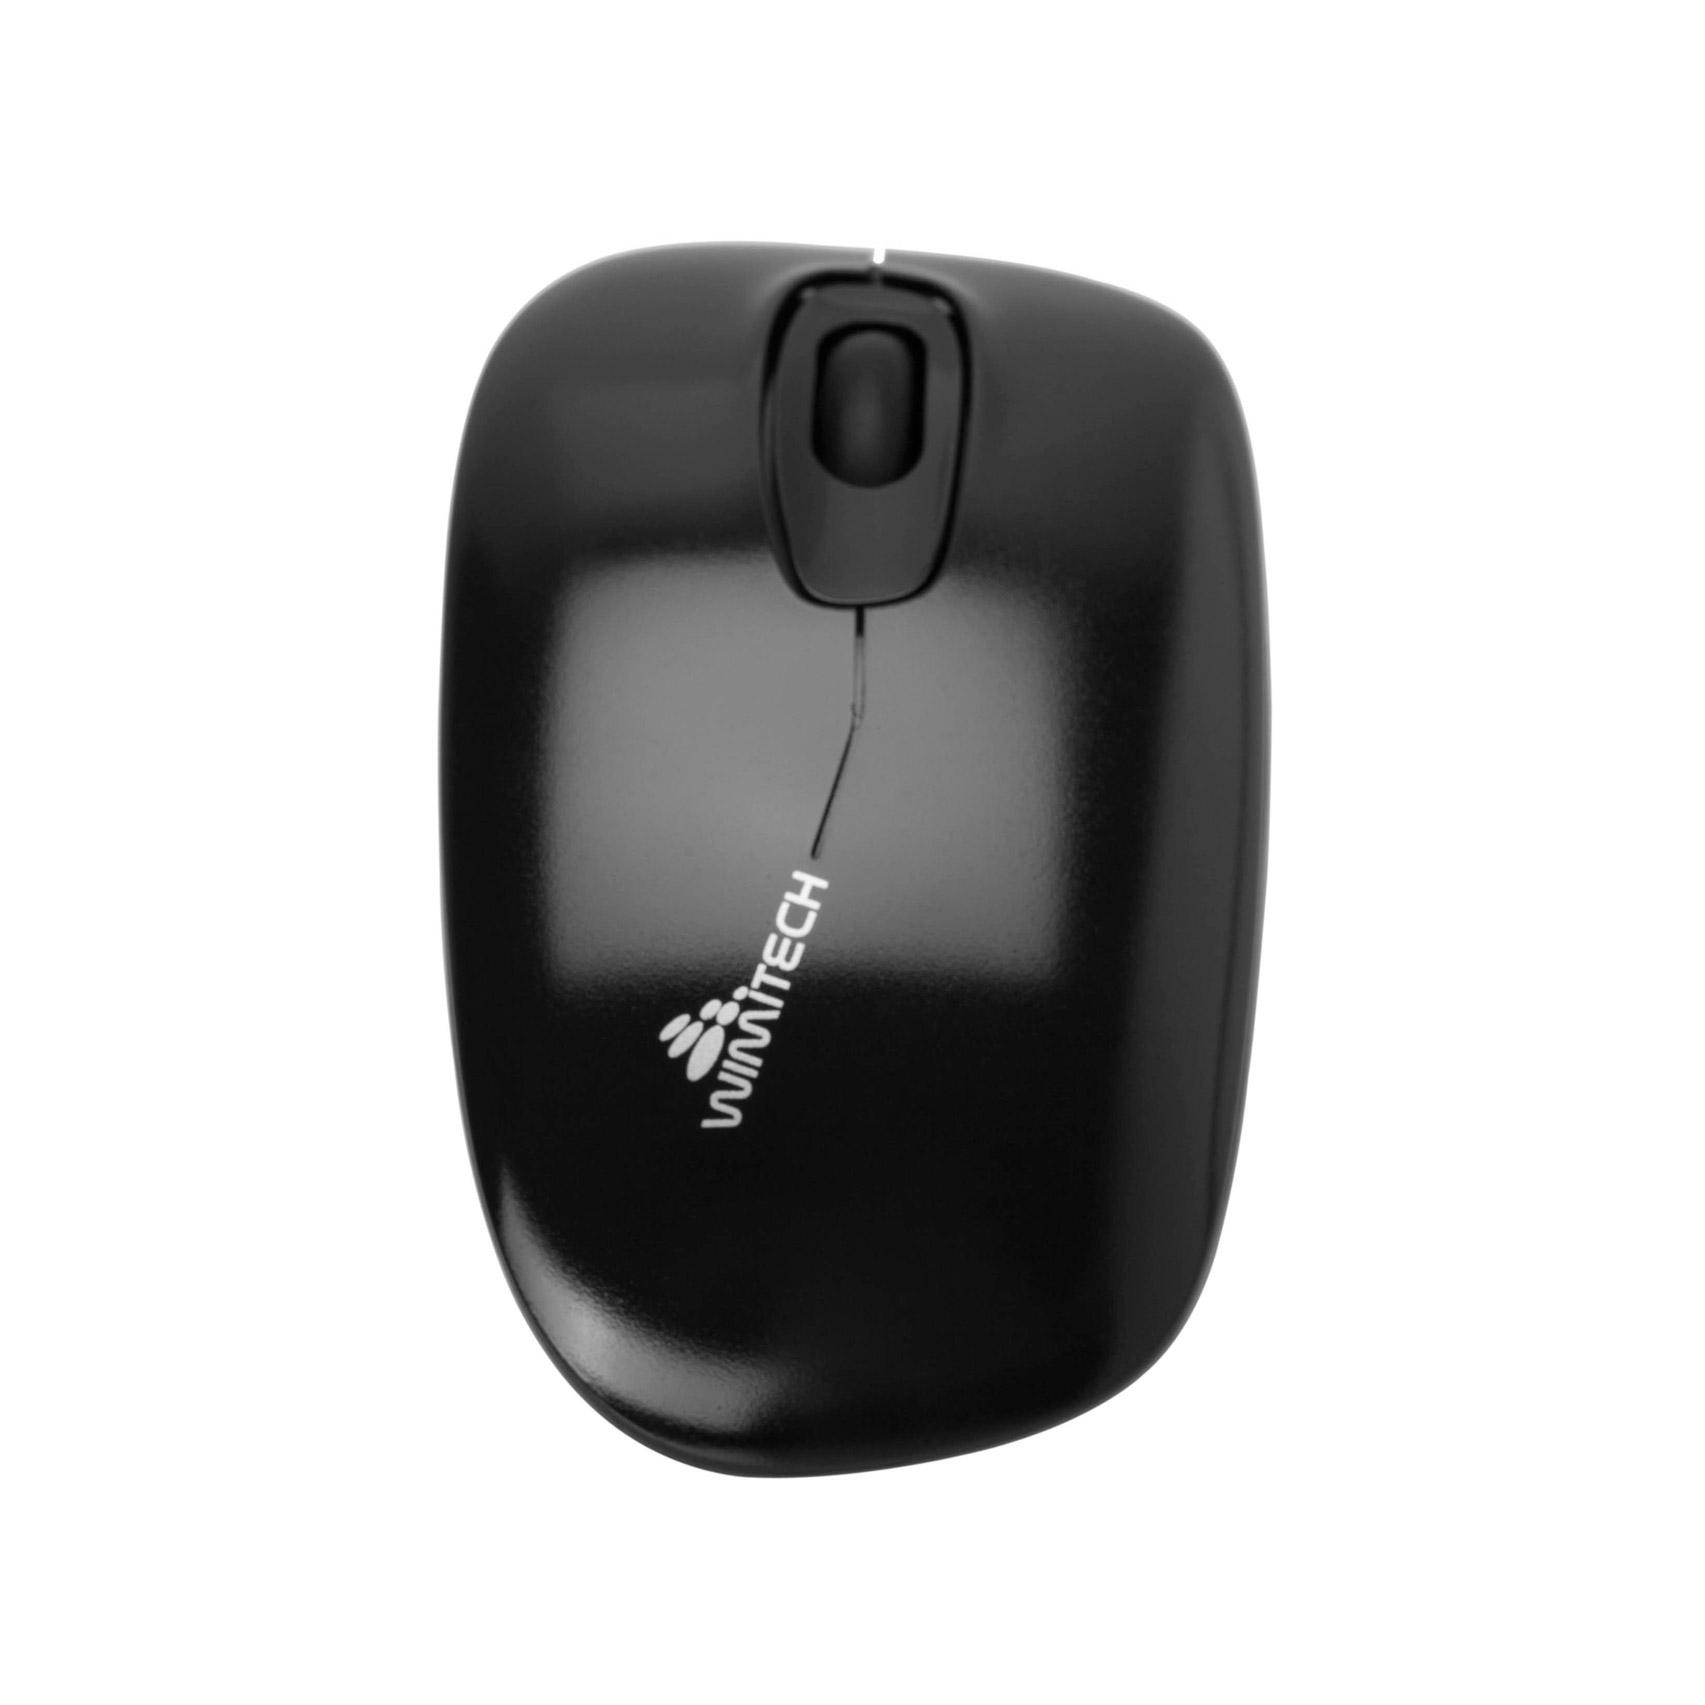 Mouse ottico wireless nero_3